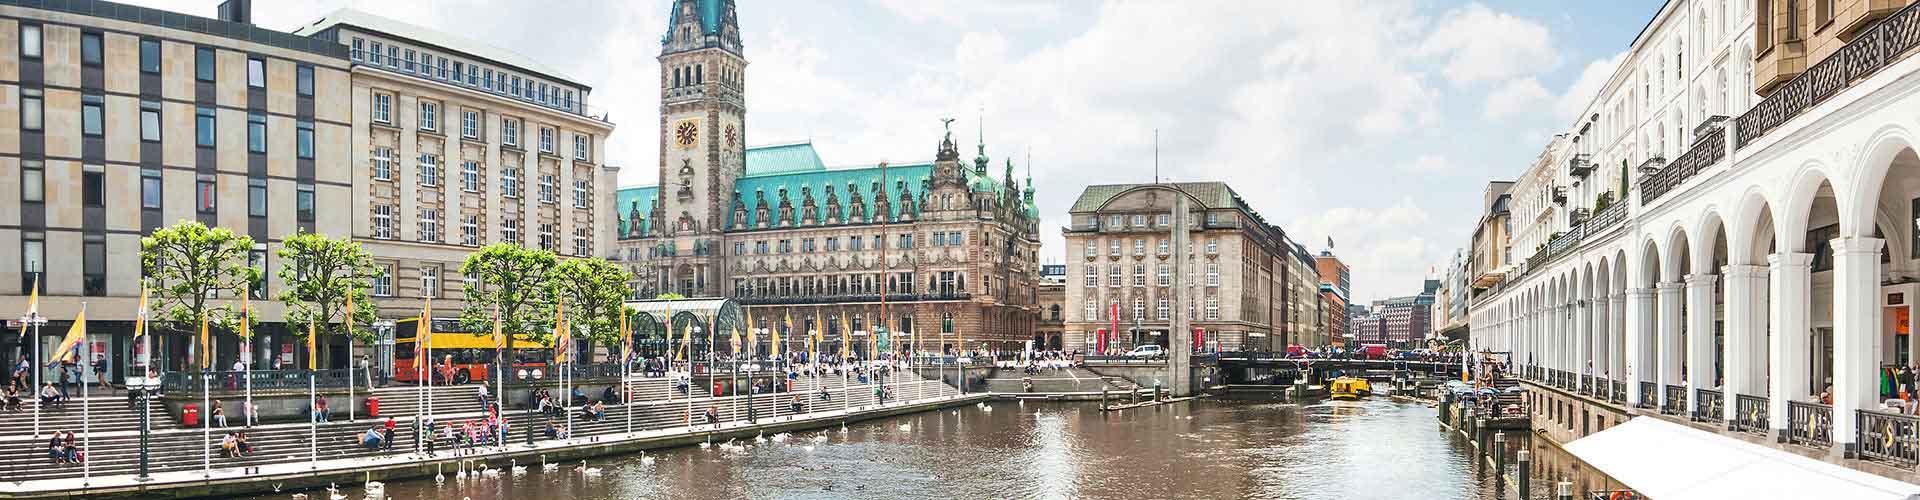 Amburgo – Campeggi vicini a Stazione ferroviaria di Hamburg Hauptbahnhof. Mappe per Amburgo, Foto e  Recensioni per ogni Campeggio a Amburgo.